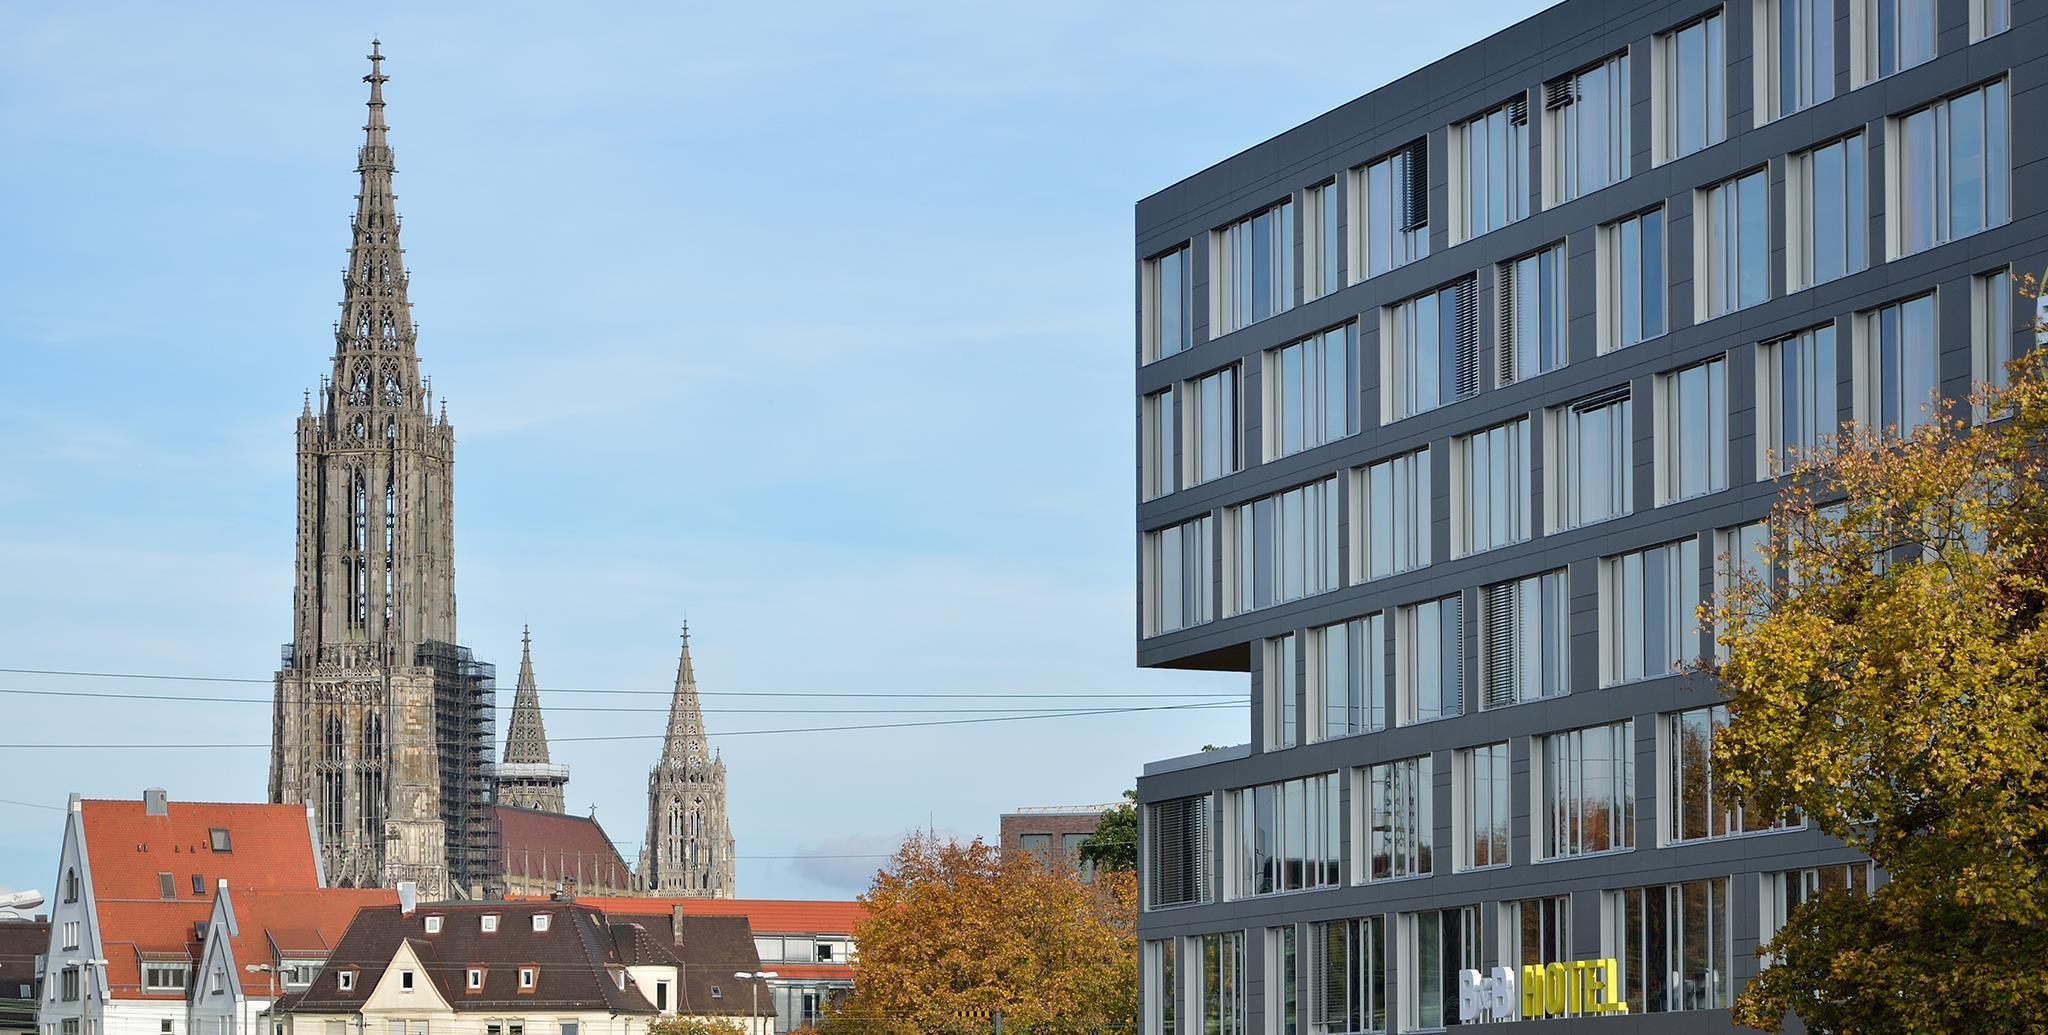 Hotels ulm neu ulm b b hotel ulm for Designhotel ulm